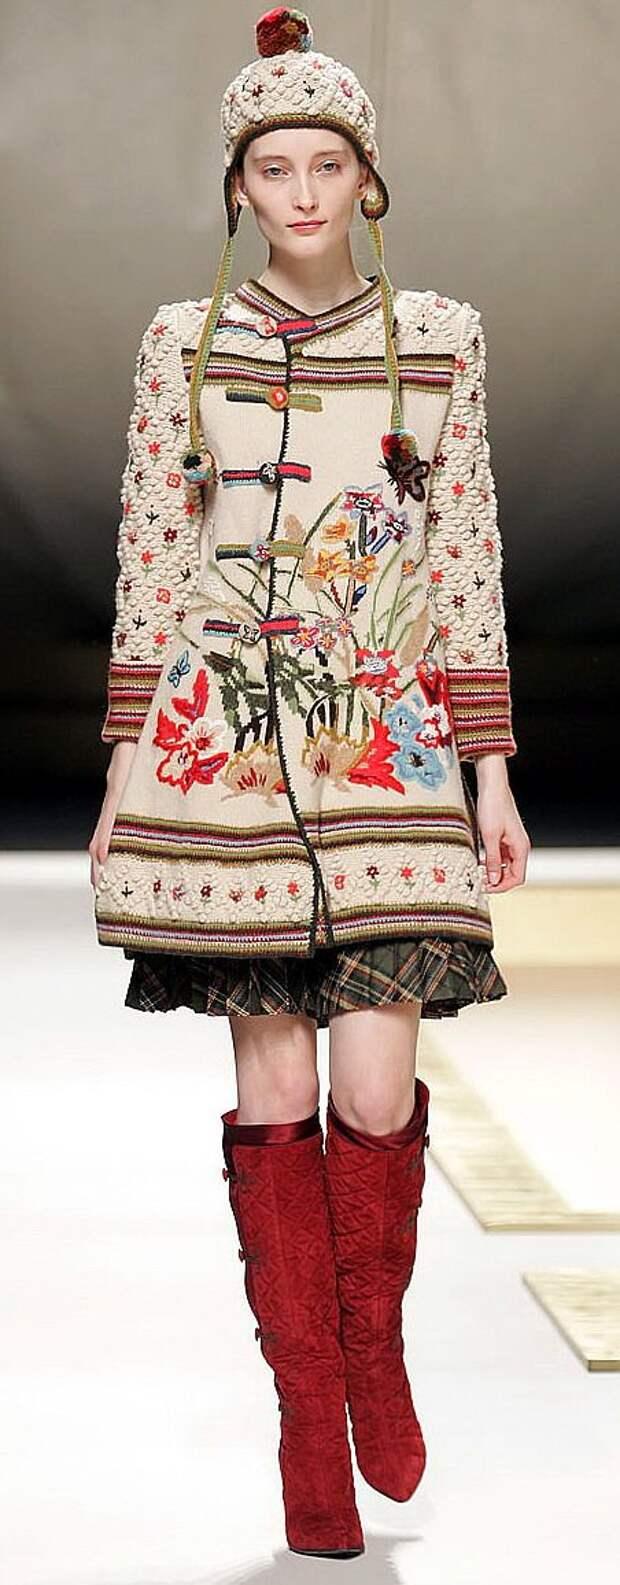 http://www.knitting-tale.ru/wp-content/uploads/22211.jpg